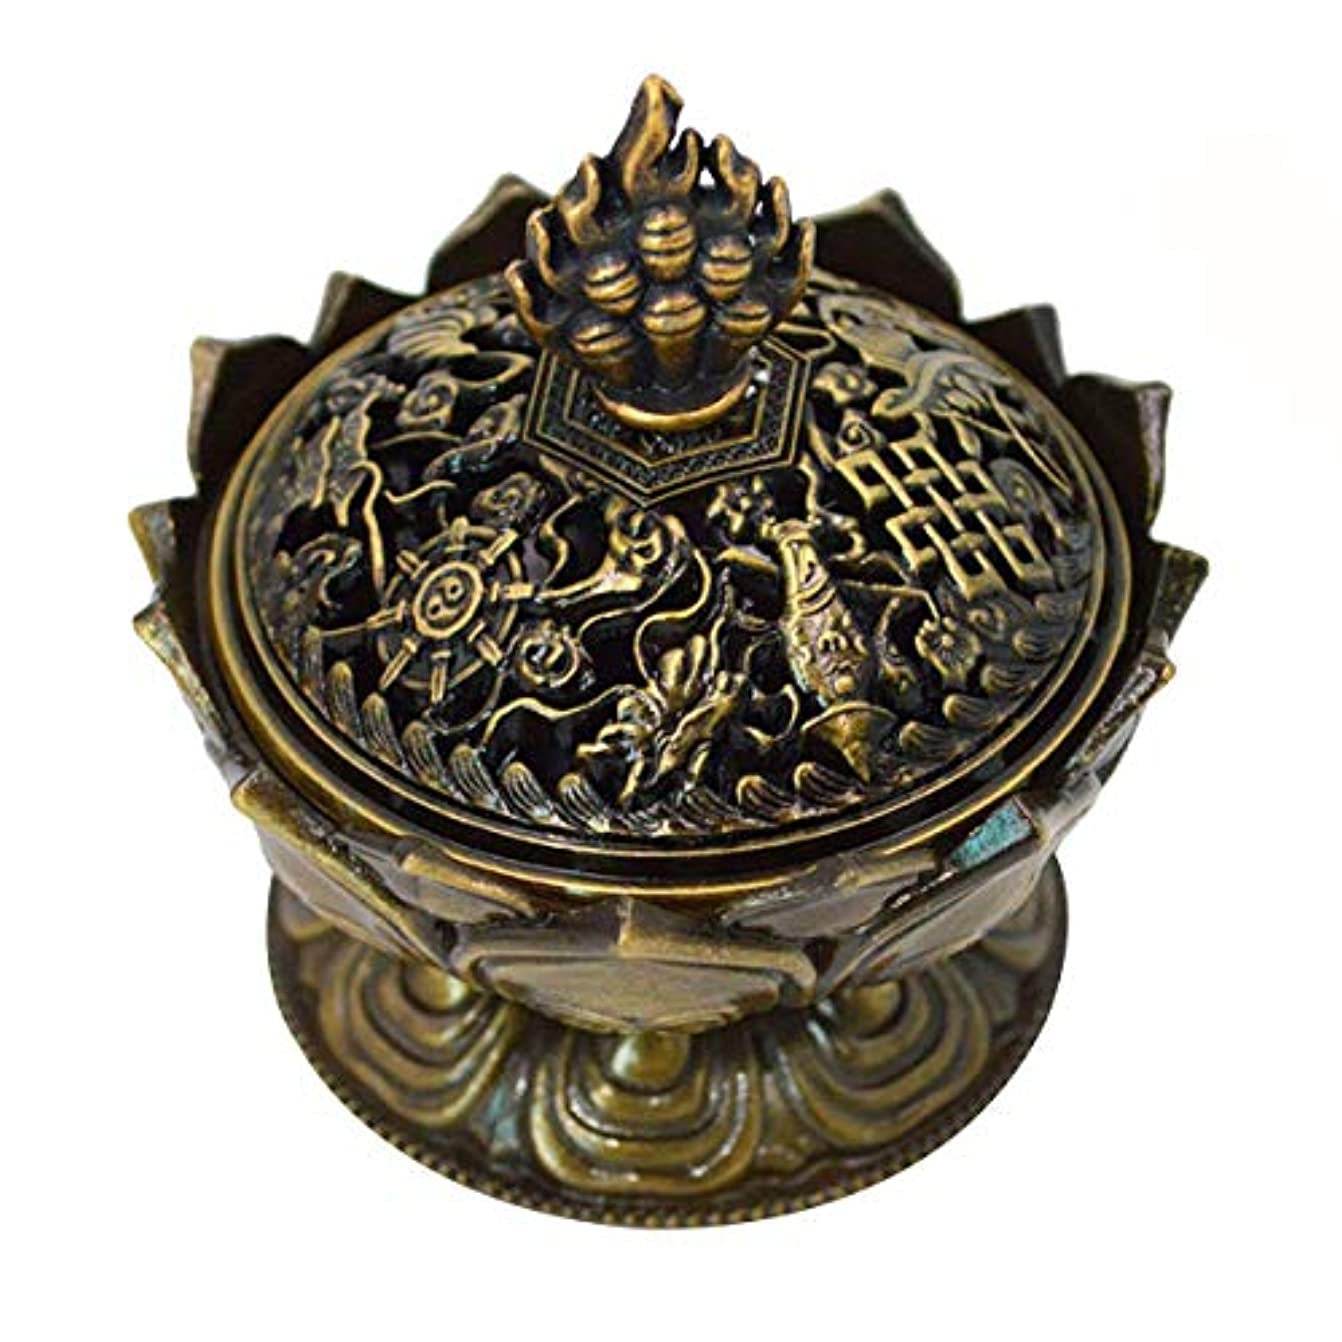 ダルセット数学的な前方へ(Bronze) - Buddha Lotus Flower Incense Burner Alloy Metal Incense Holder Censer Creative Christmas Gifts (Bronze)